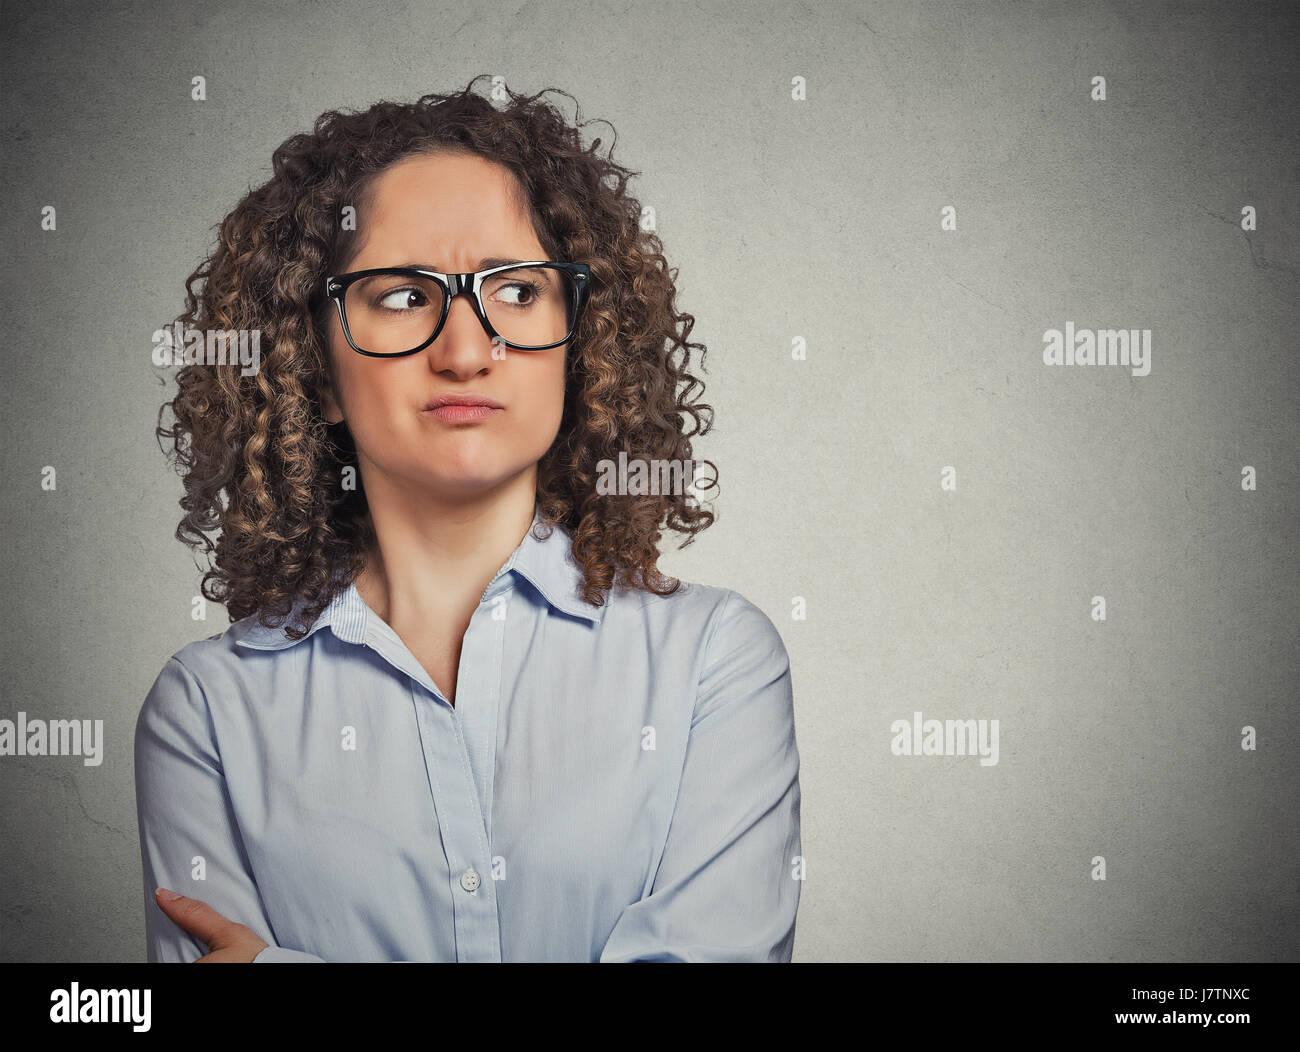 Disgustado joven sospechoso con gafas mirando lateralmente aislado sobre la pared gris de fondo. Expresión Imagen De Stock